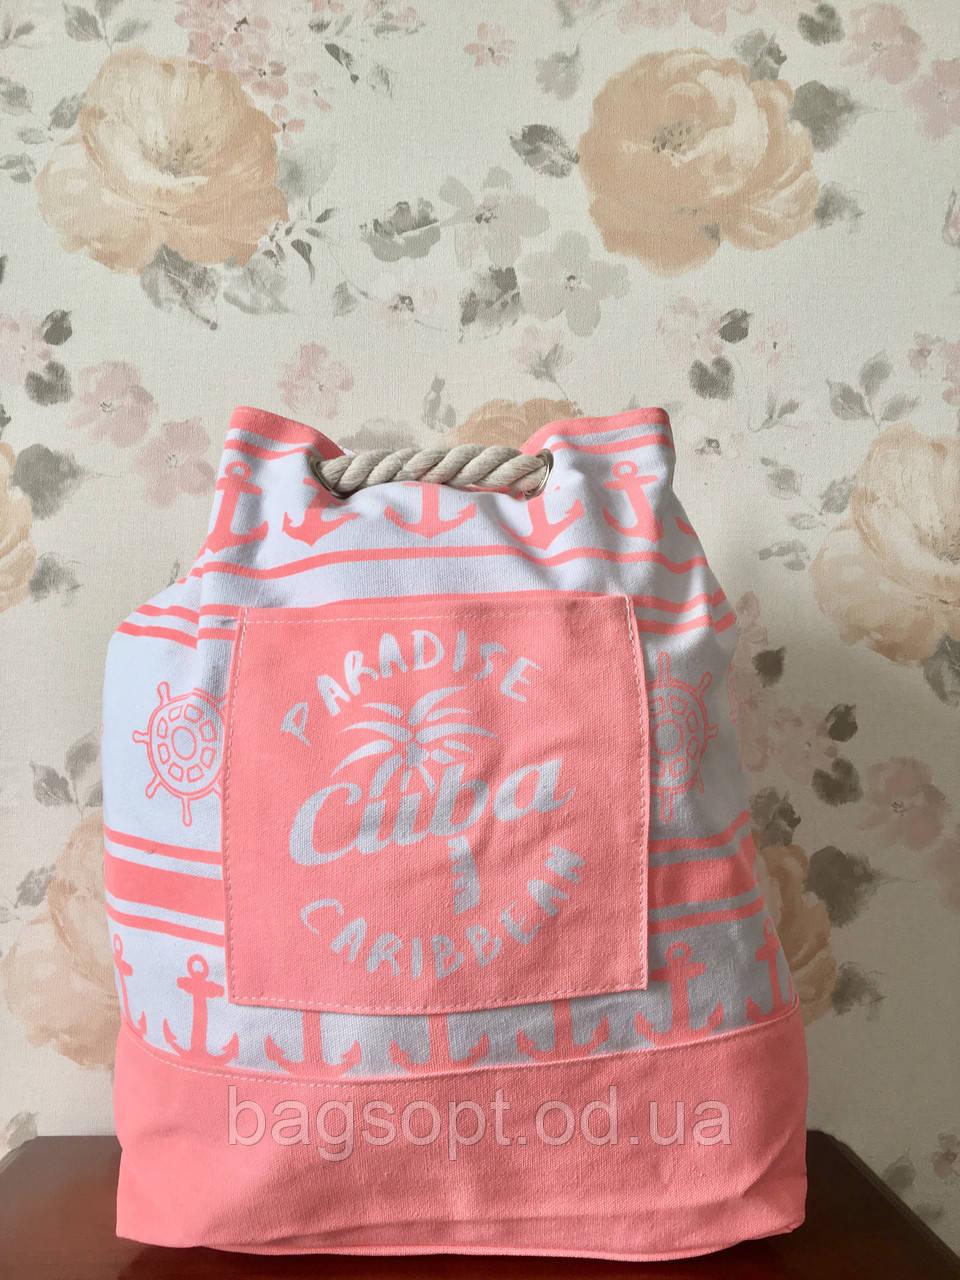 Пляжный розовый рюкзак из ткани (хлопок 100%) Одесса 7 км